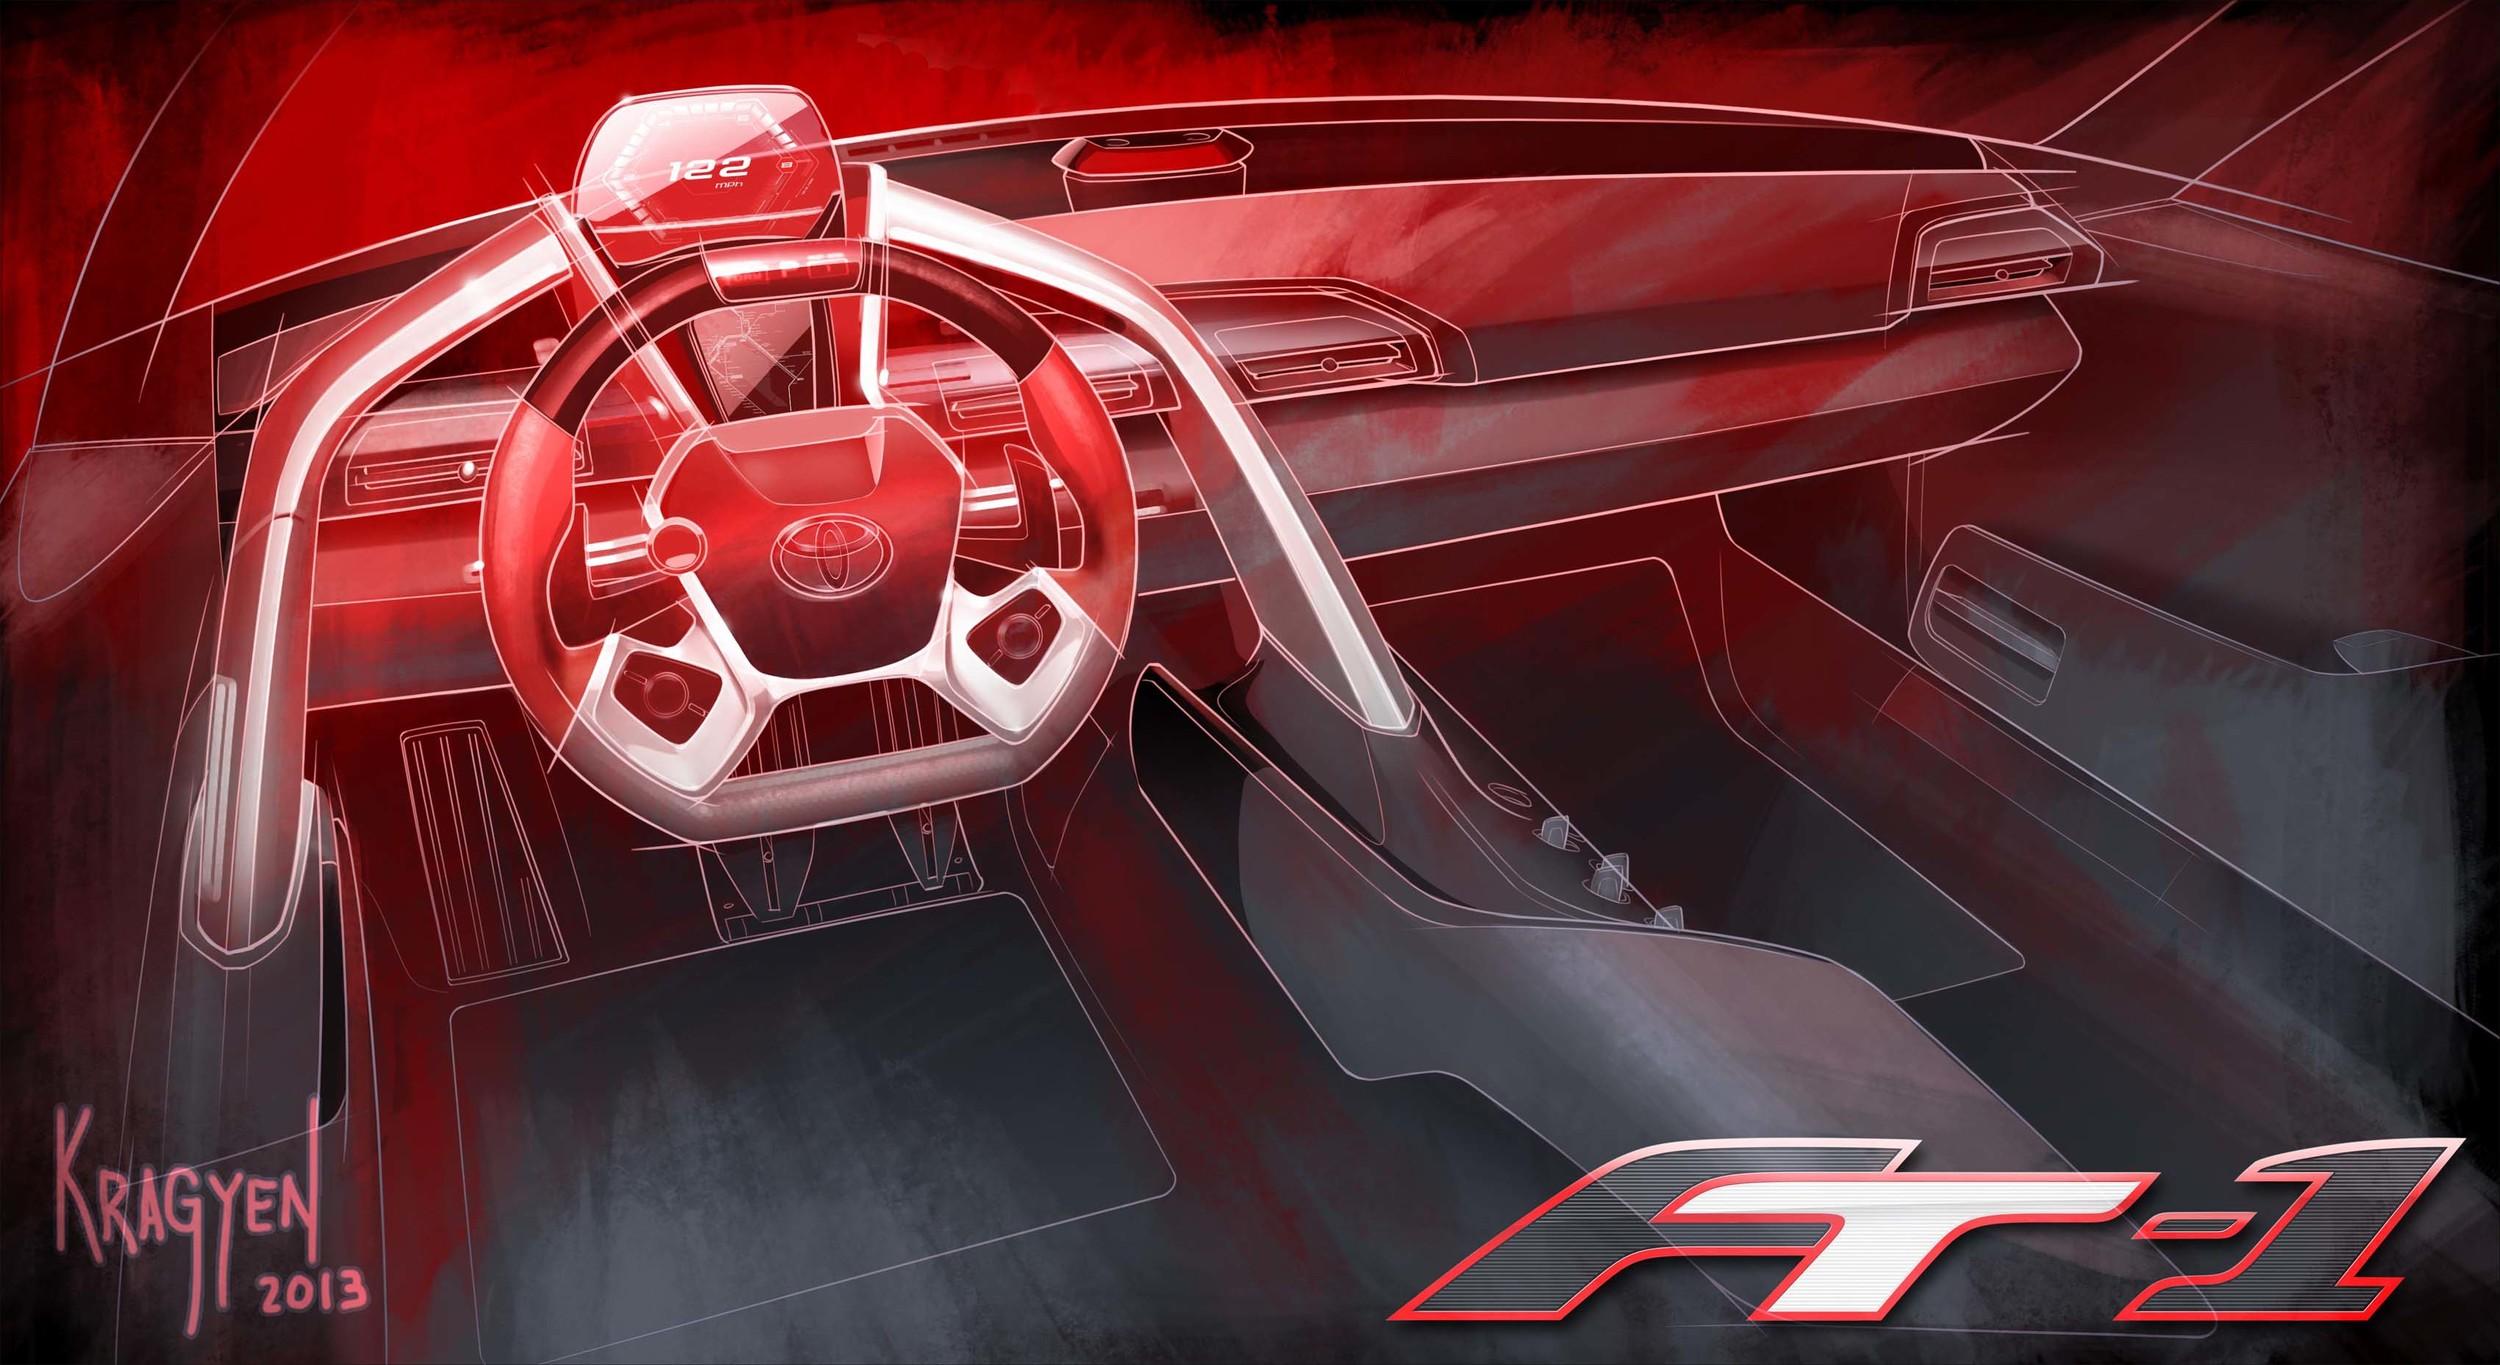 FT1_Interior_RenderingSize1.jpg